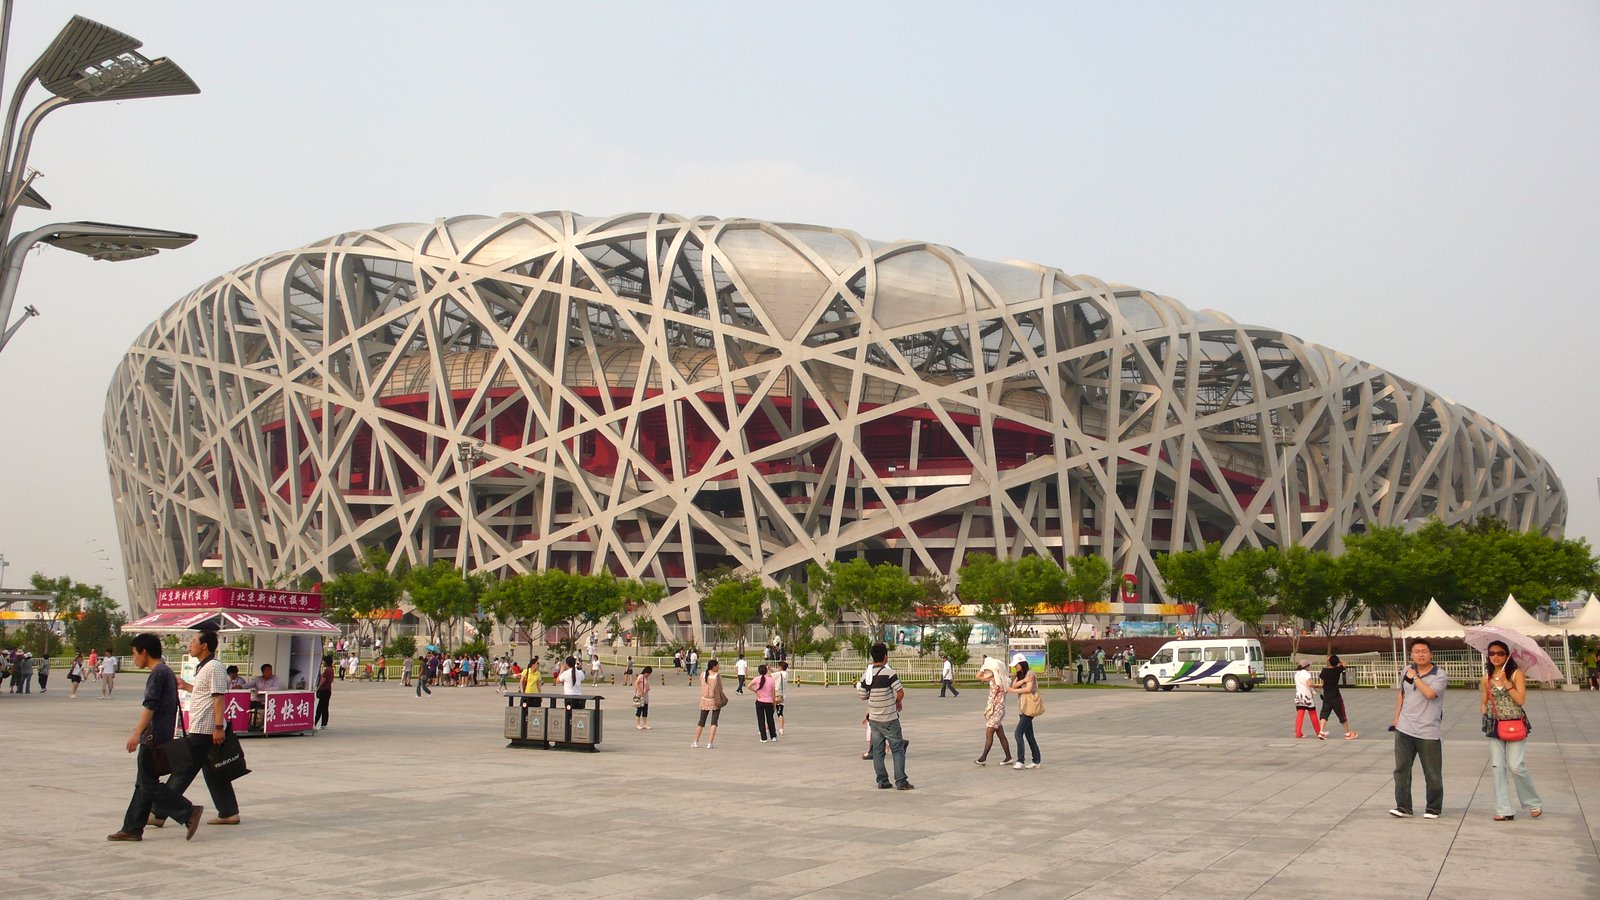 Estadio Olmpico Nacional de Beijing El Nido de pjaro